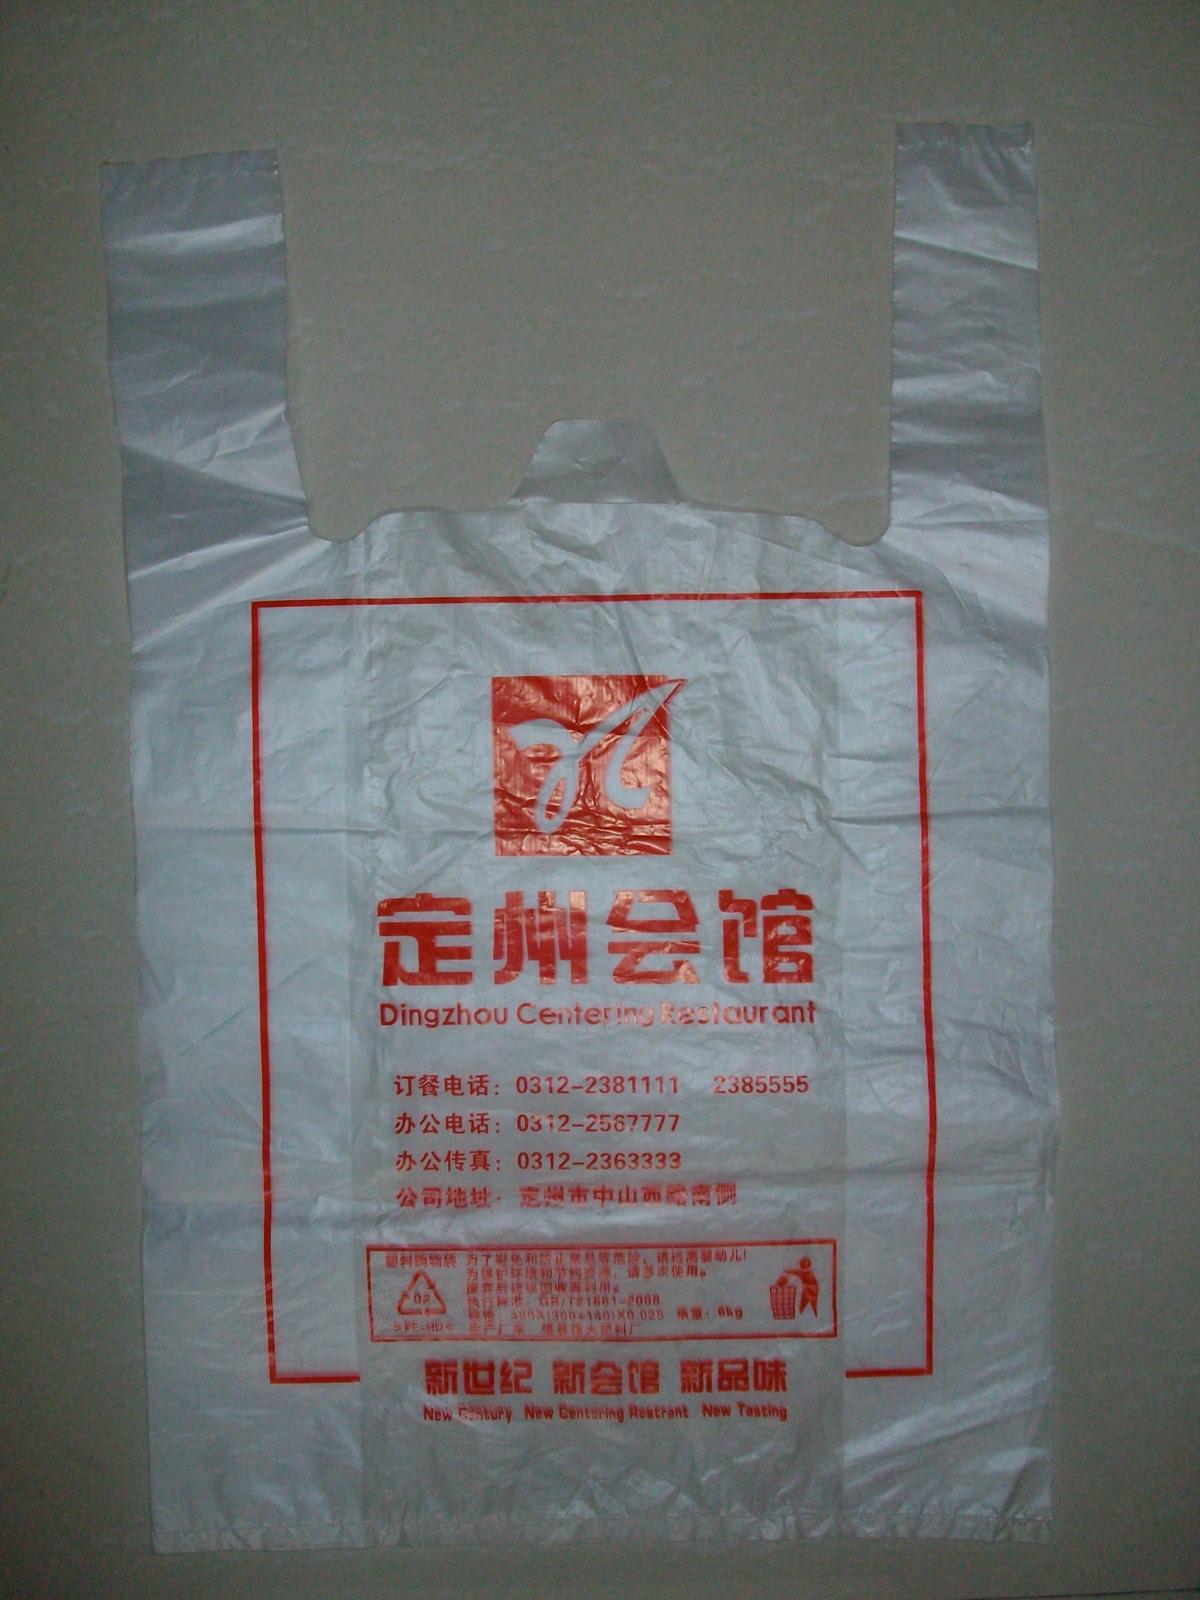 石家庄饭店_饭店打包袋-河北省容城县荣达塑料包装厂提供饭店打包袋